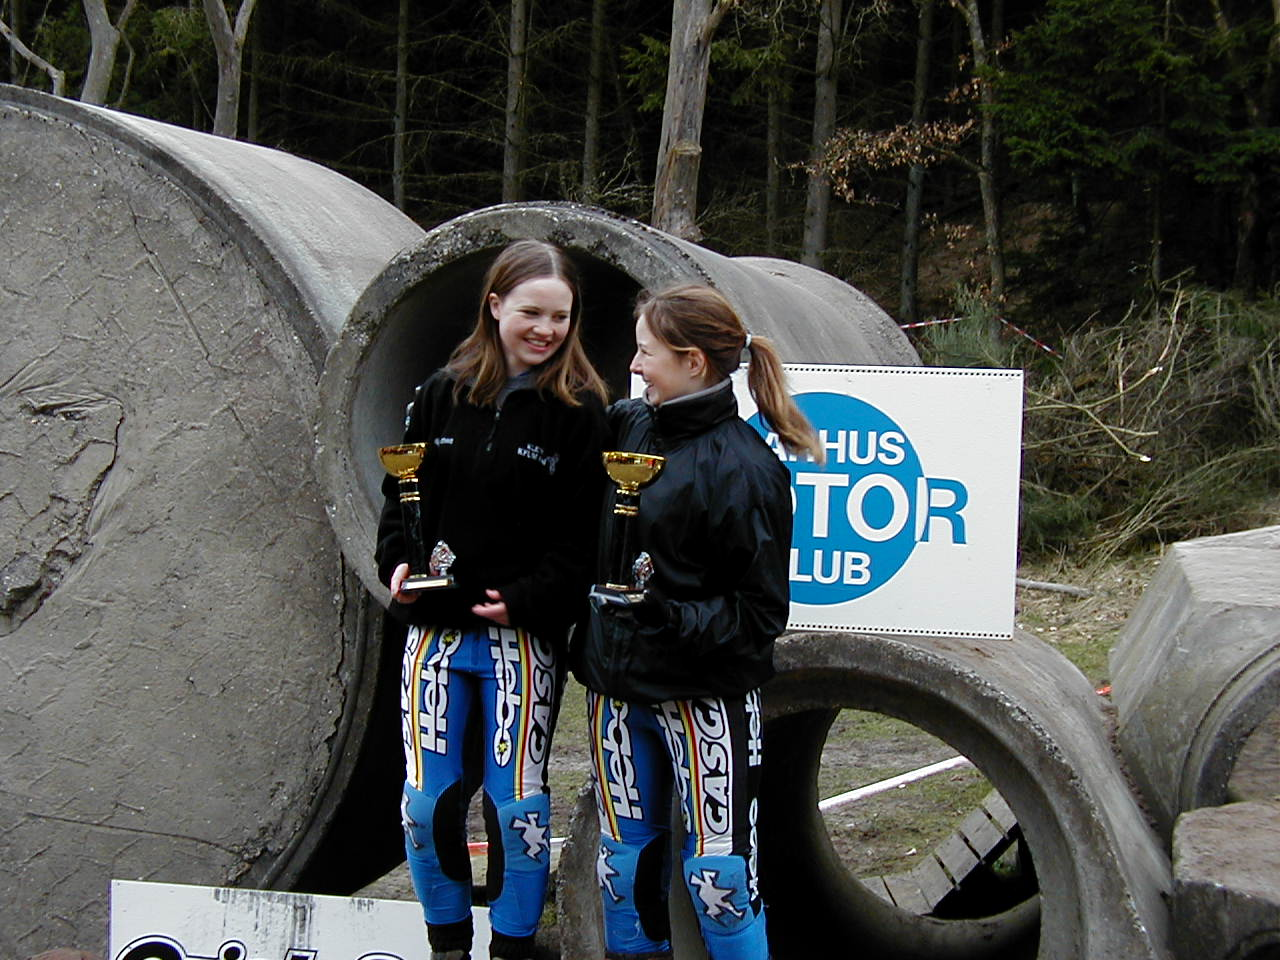 De norske piger var stærkest repræsenteret i de to pigeklasser 1.